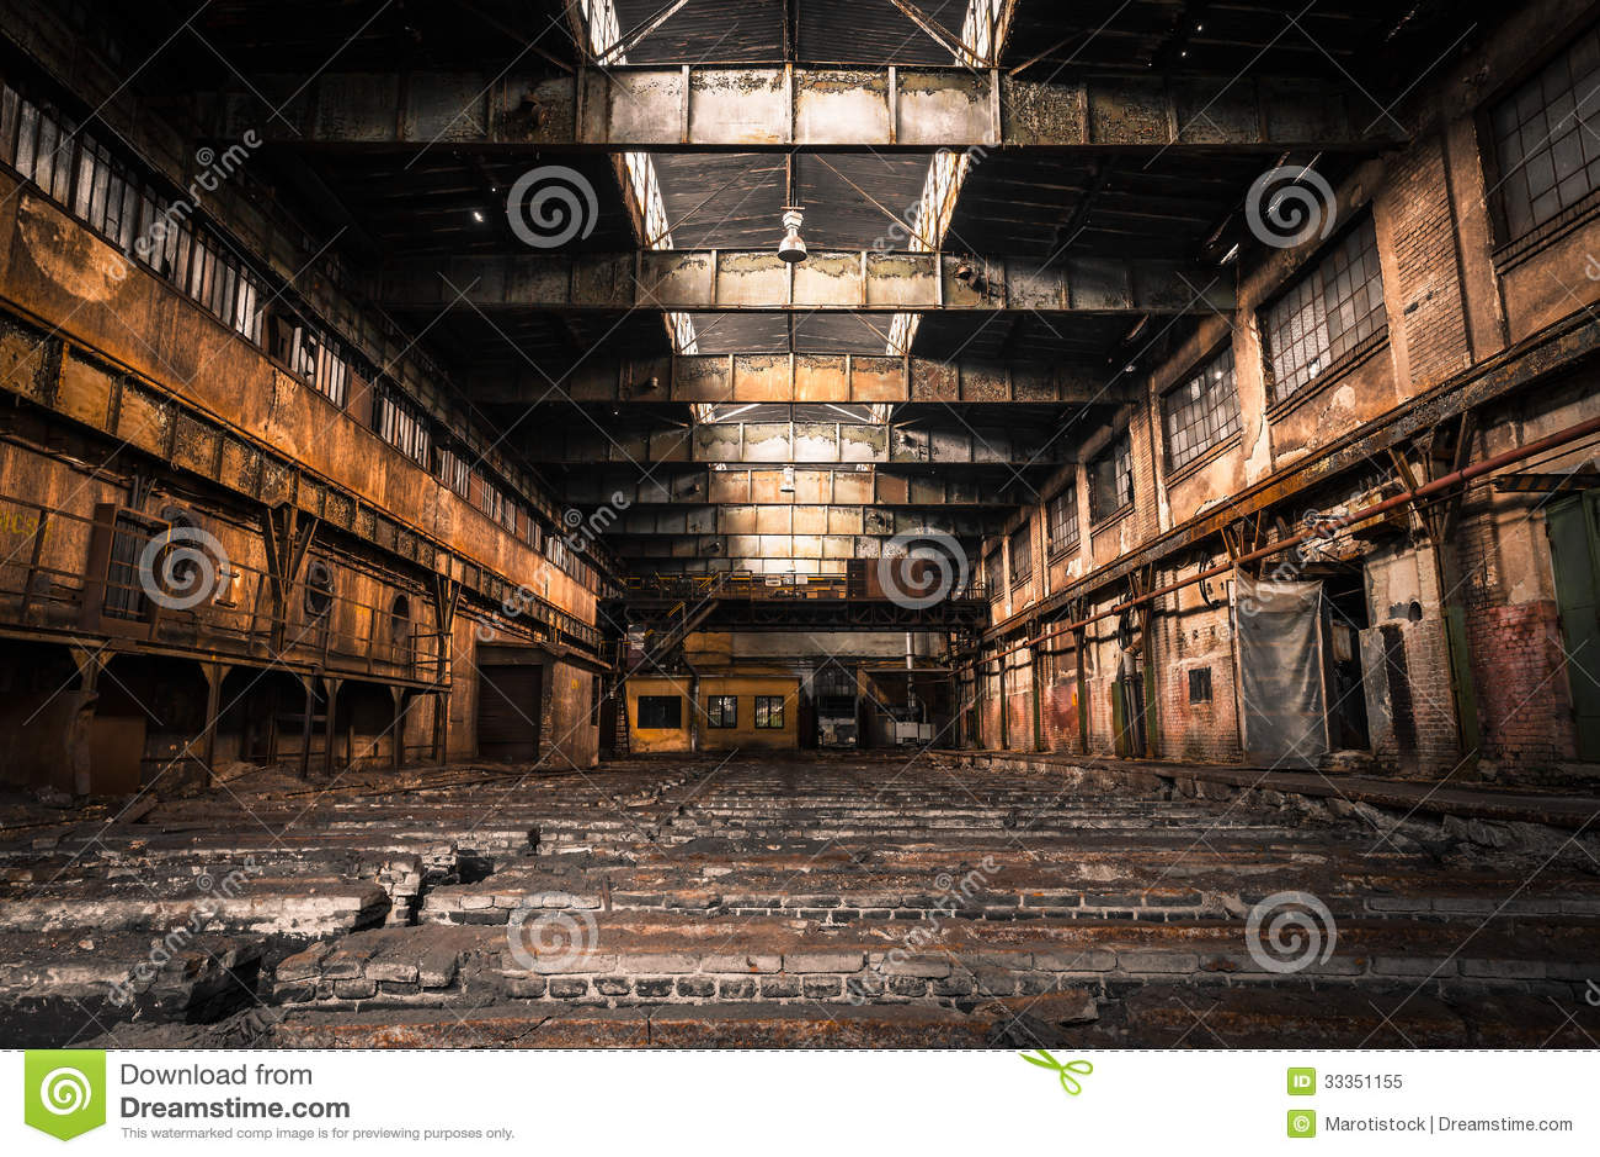 Старый покинутый промышленный интерьер с ярким светом